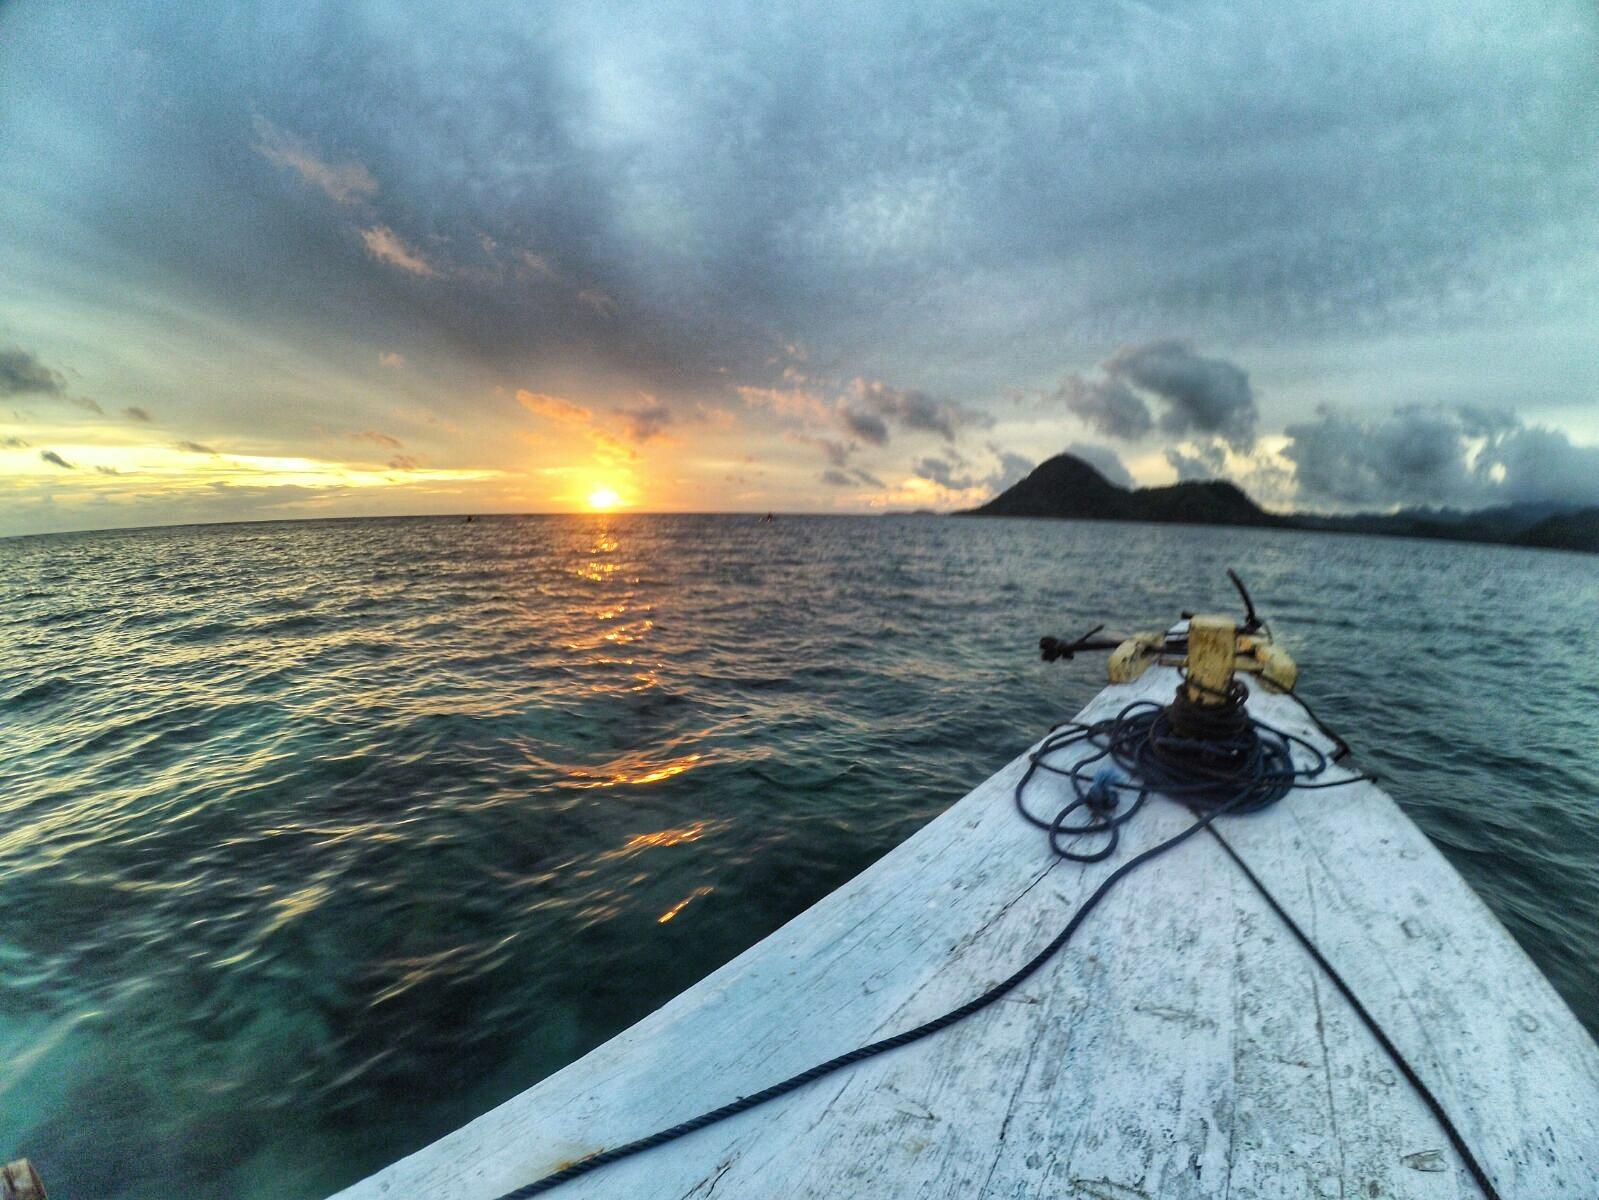 Inilah 21 Tempat Wisata Gresik Terlengkap Terbaik Wajib Pulau Bawean